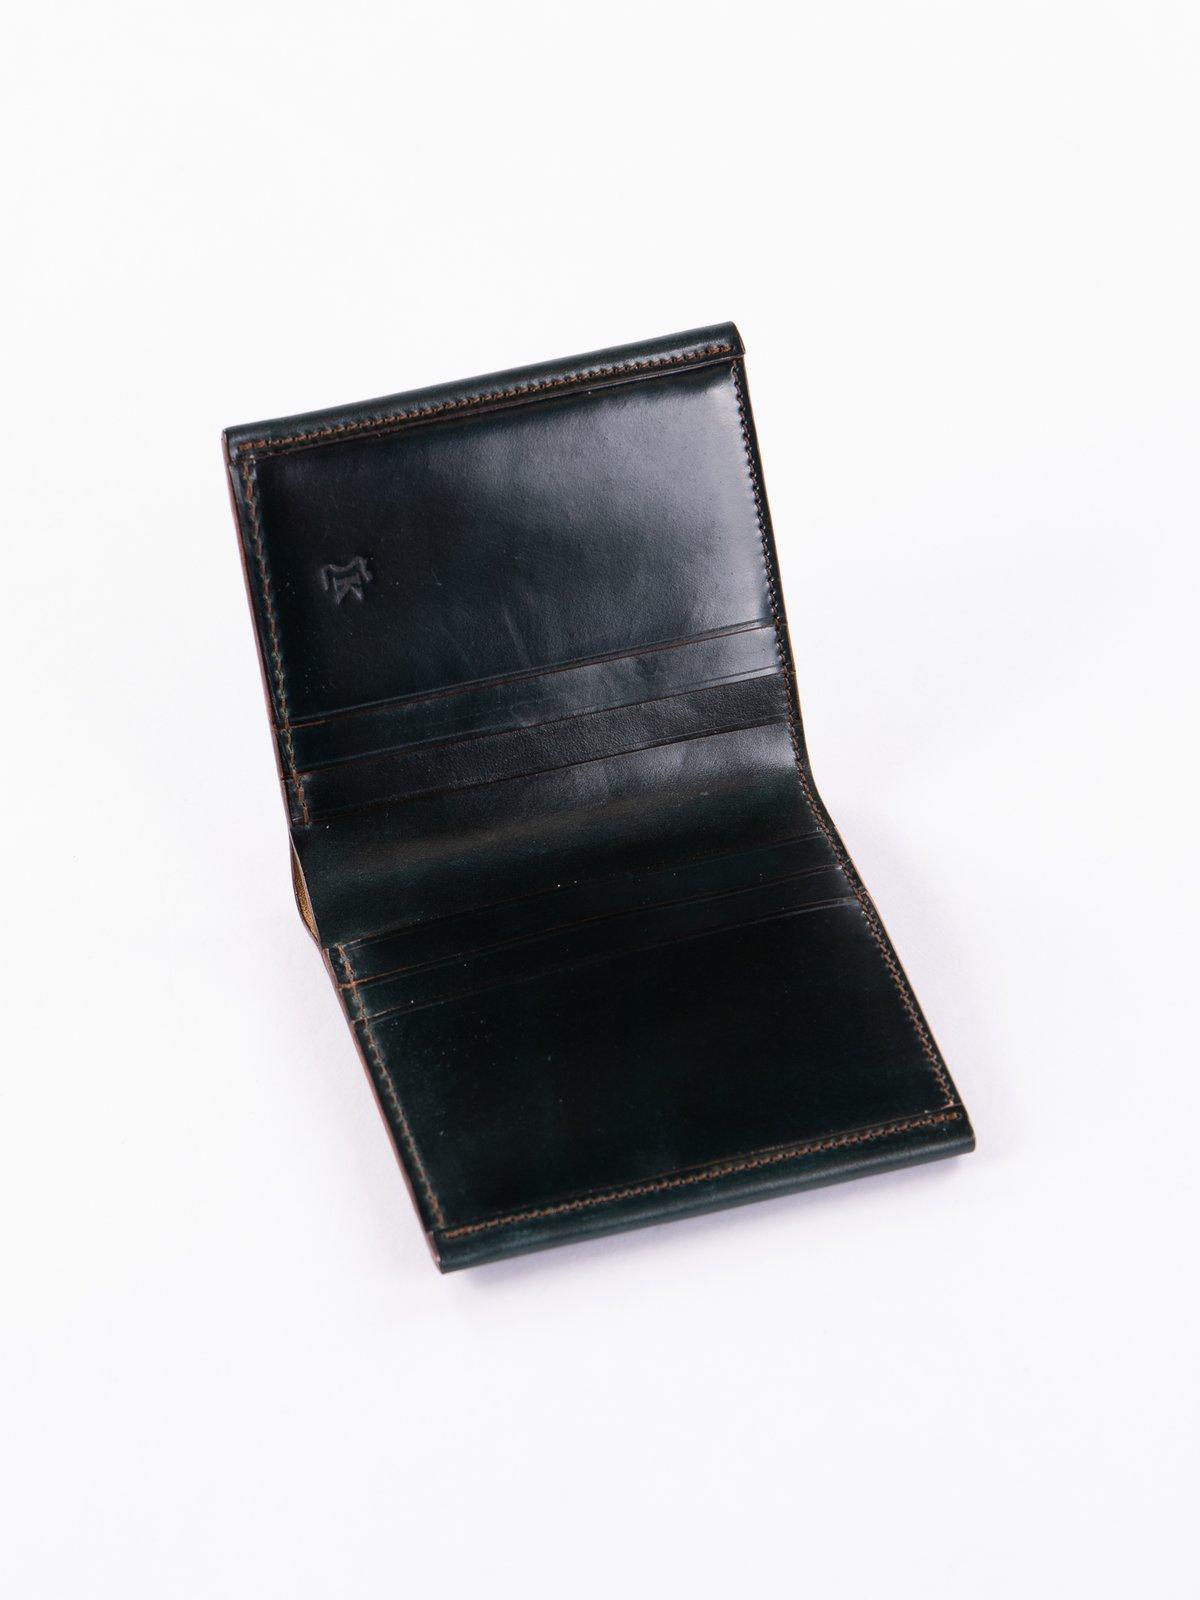 Green Horween Cordovan 3–3 Wallet - Image 2